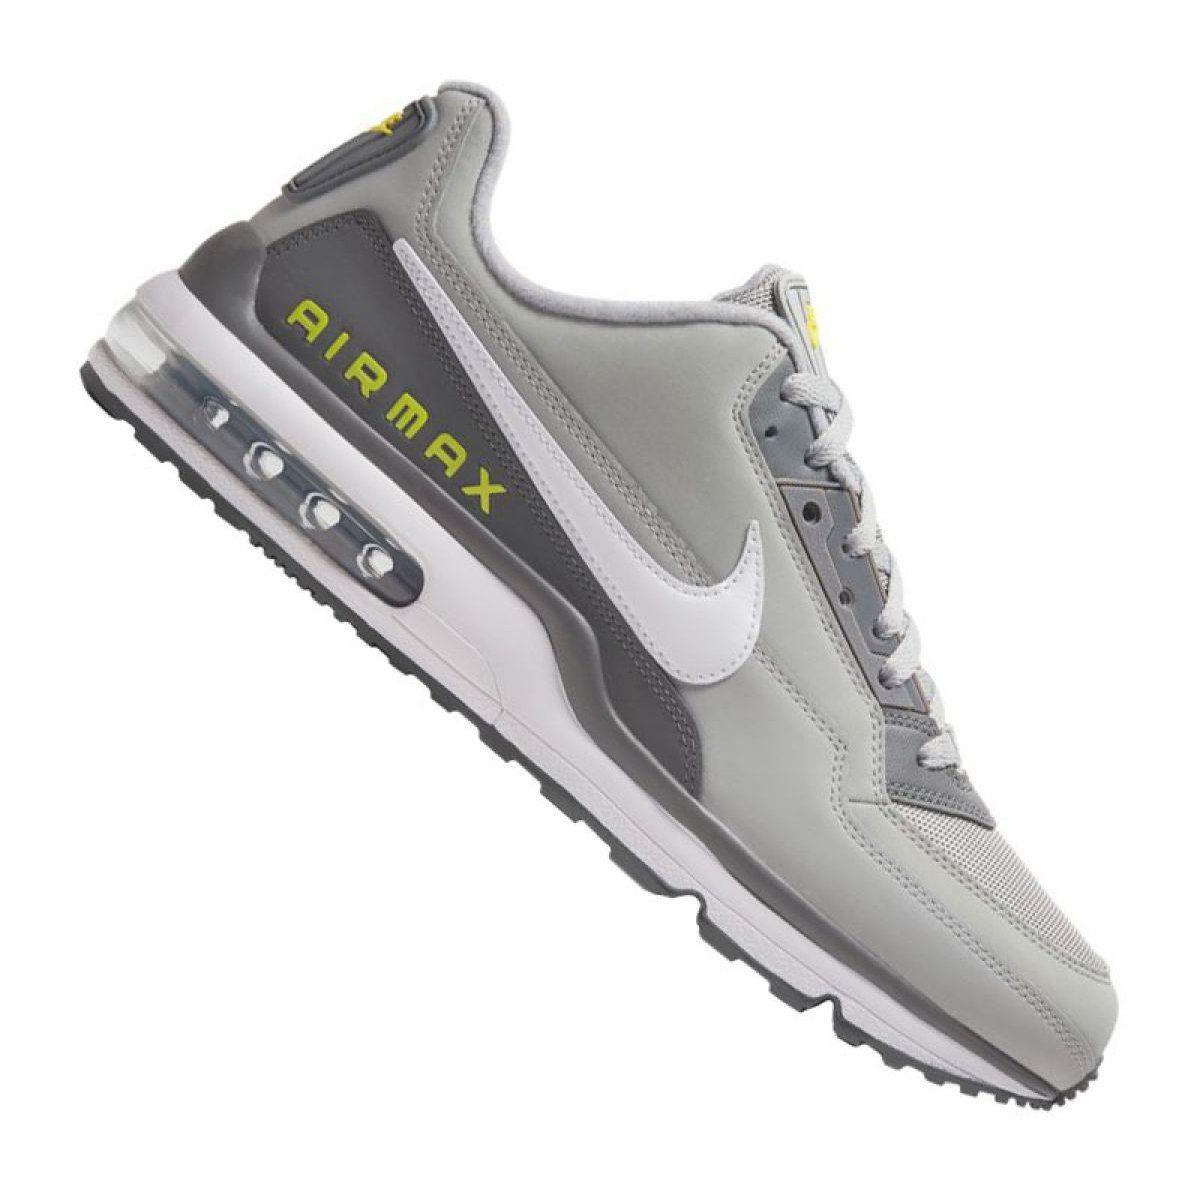 Buty Nike Air Max Ltd 3 M Cu1925 001 Szare Nike Air Max Nike Air Max Ltd Nike Air